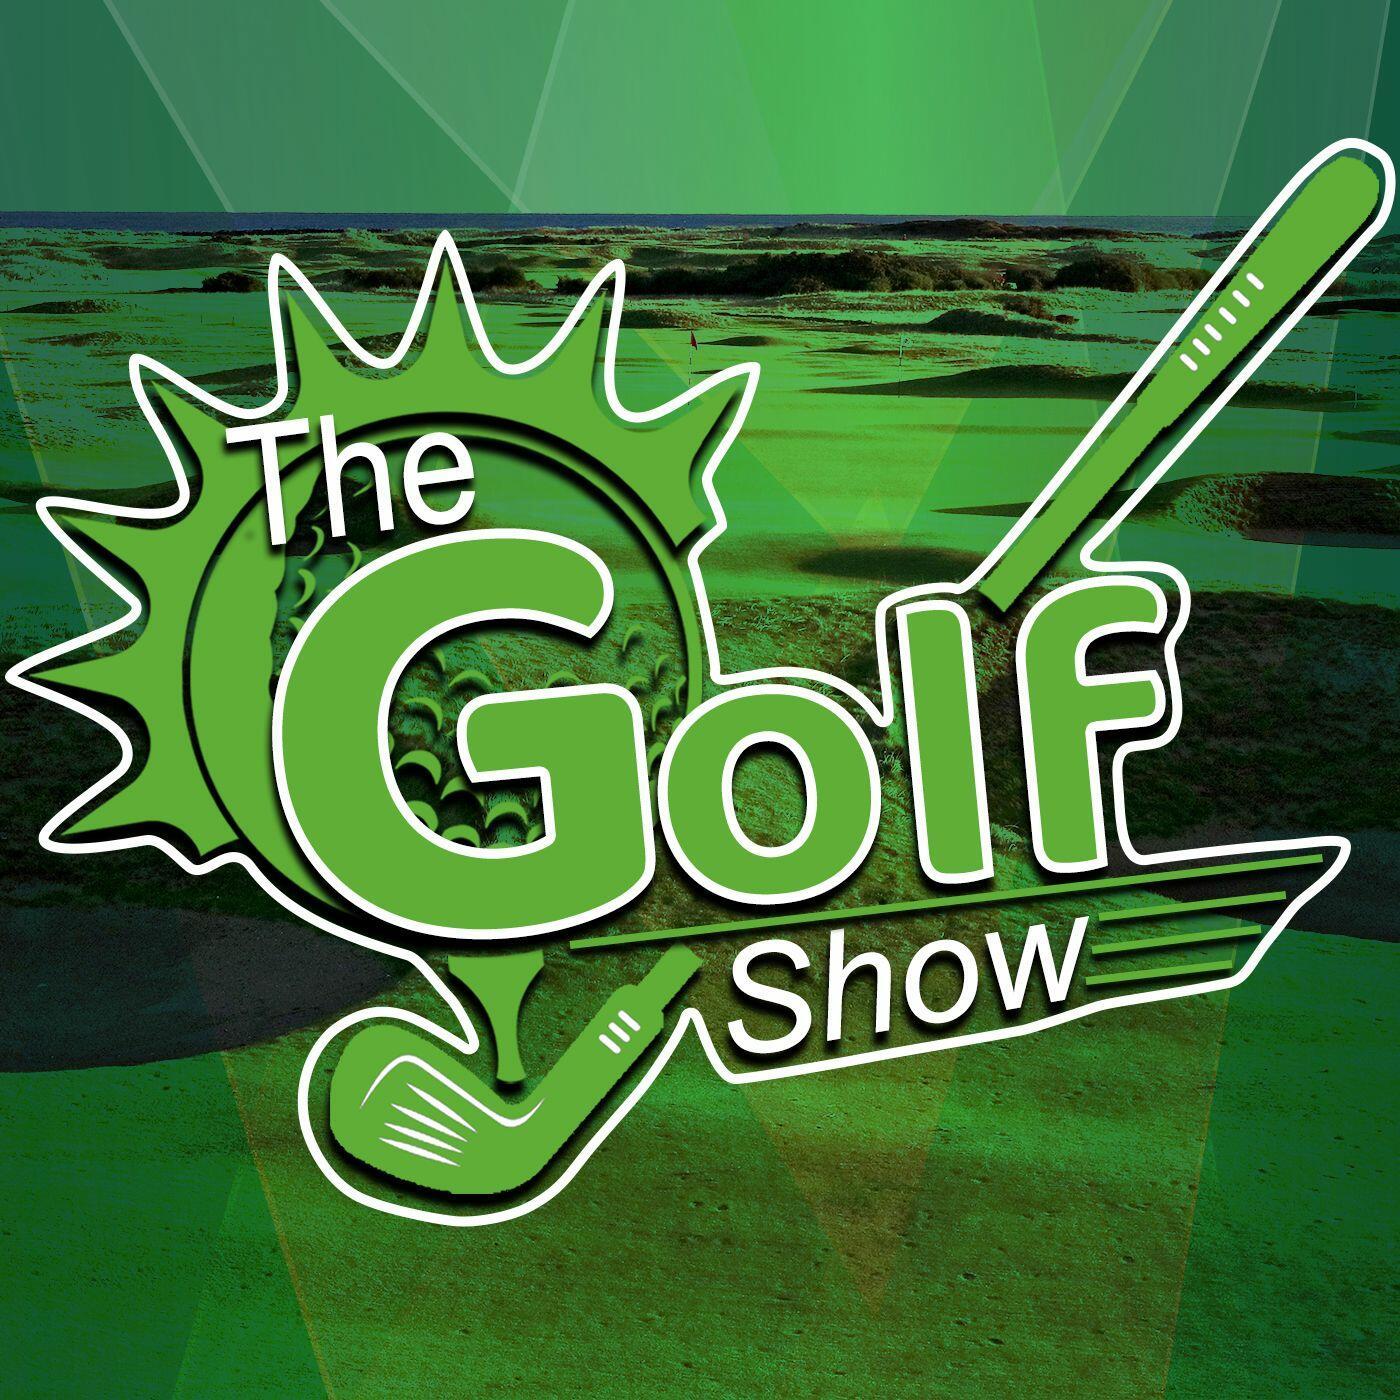 Ticket 760 Golf Show